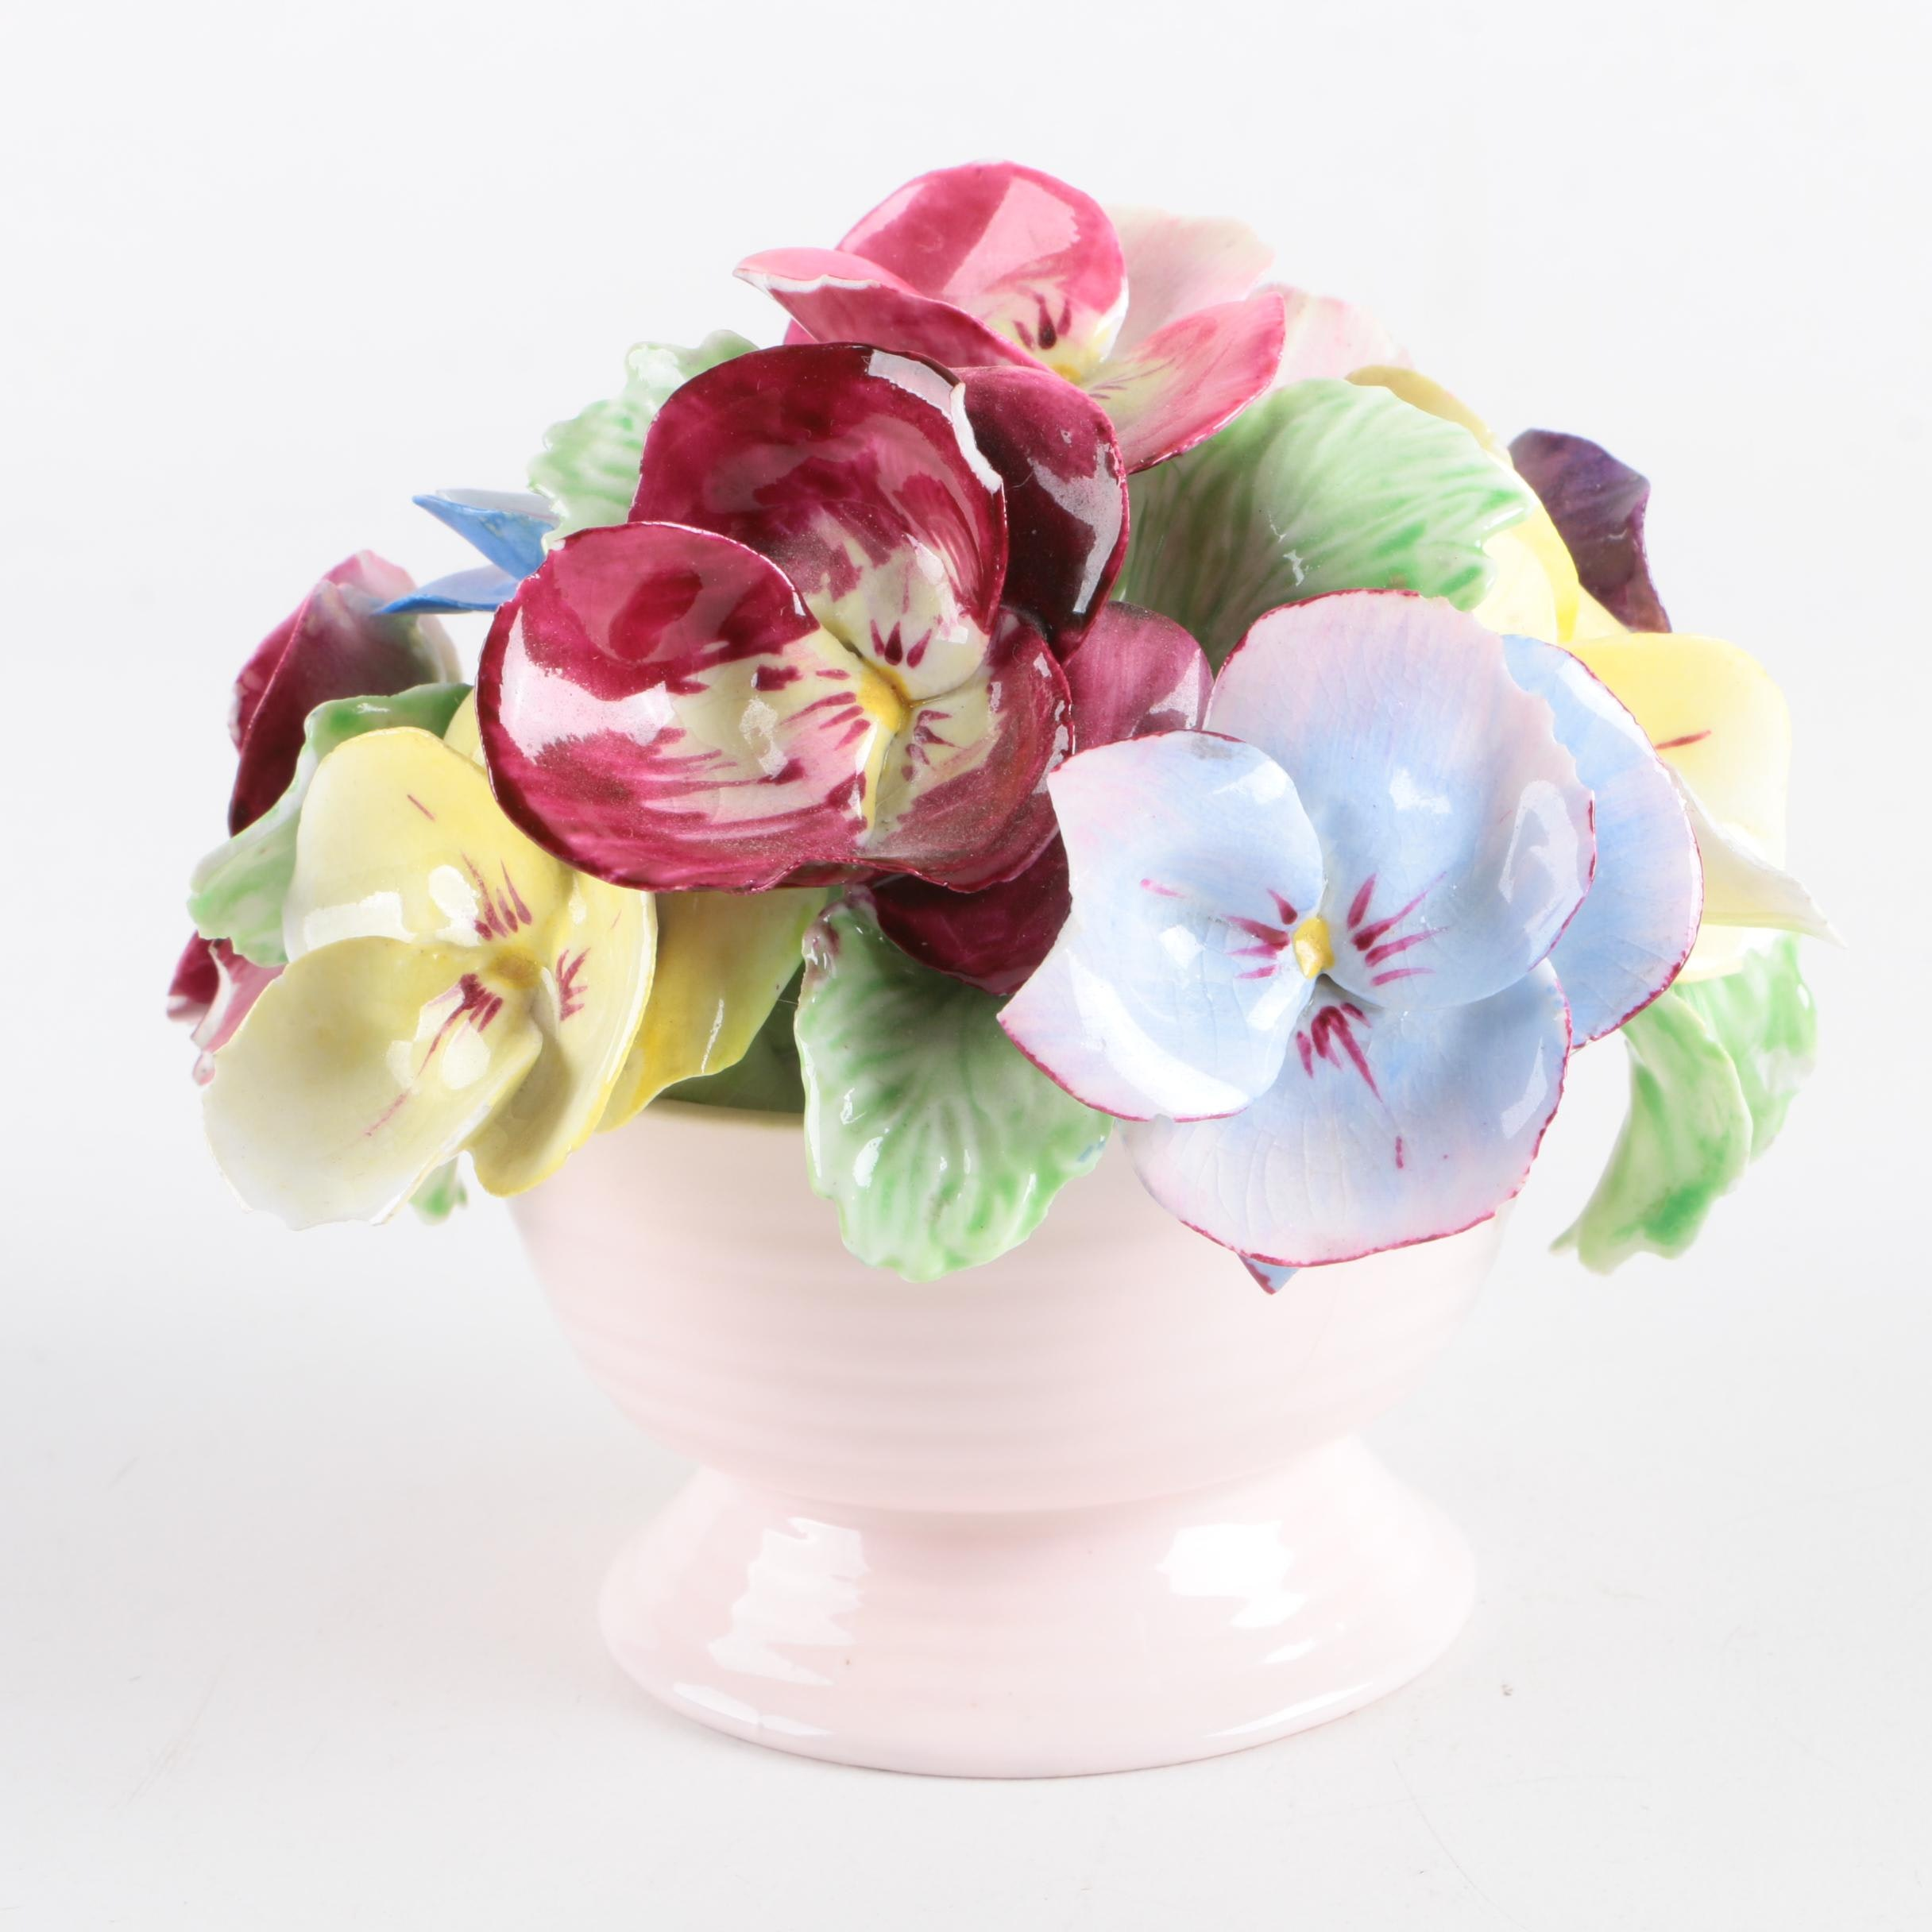 English Floral Bone China Impatiens Flower Bouquet Sculpture